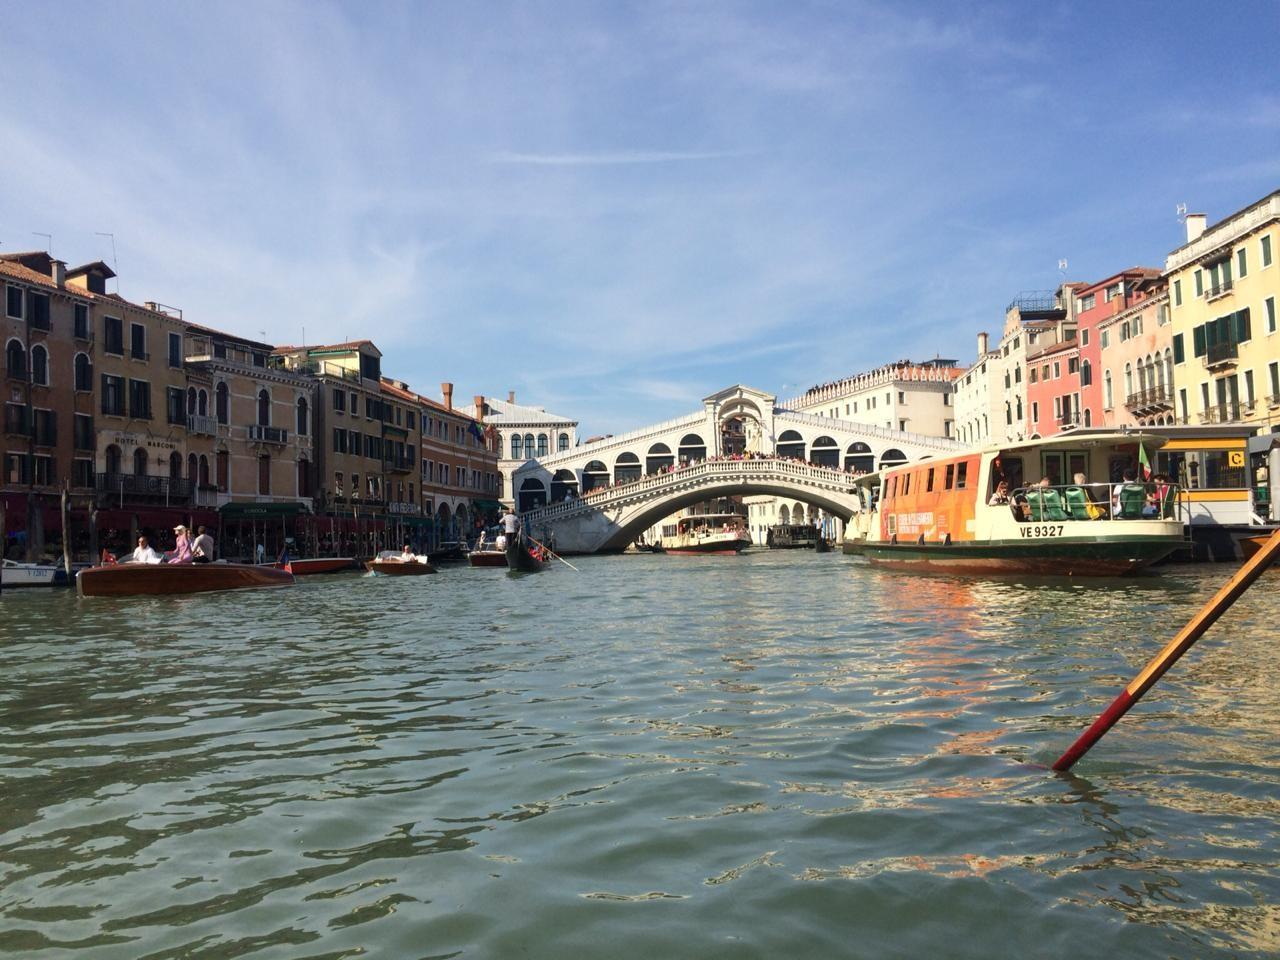 venecia-gondolas-magia-3421953d8cb11c7e6